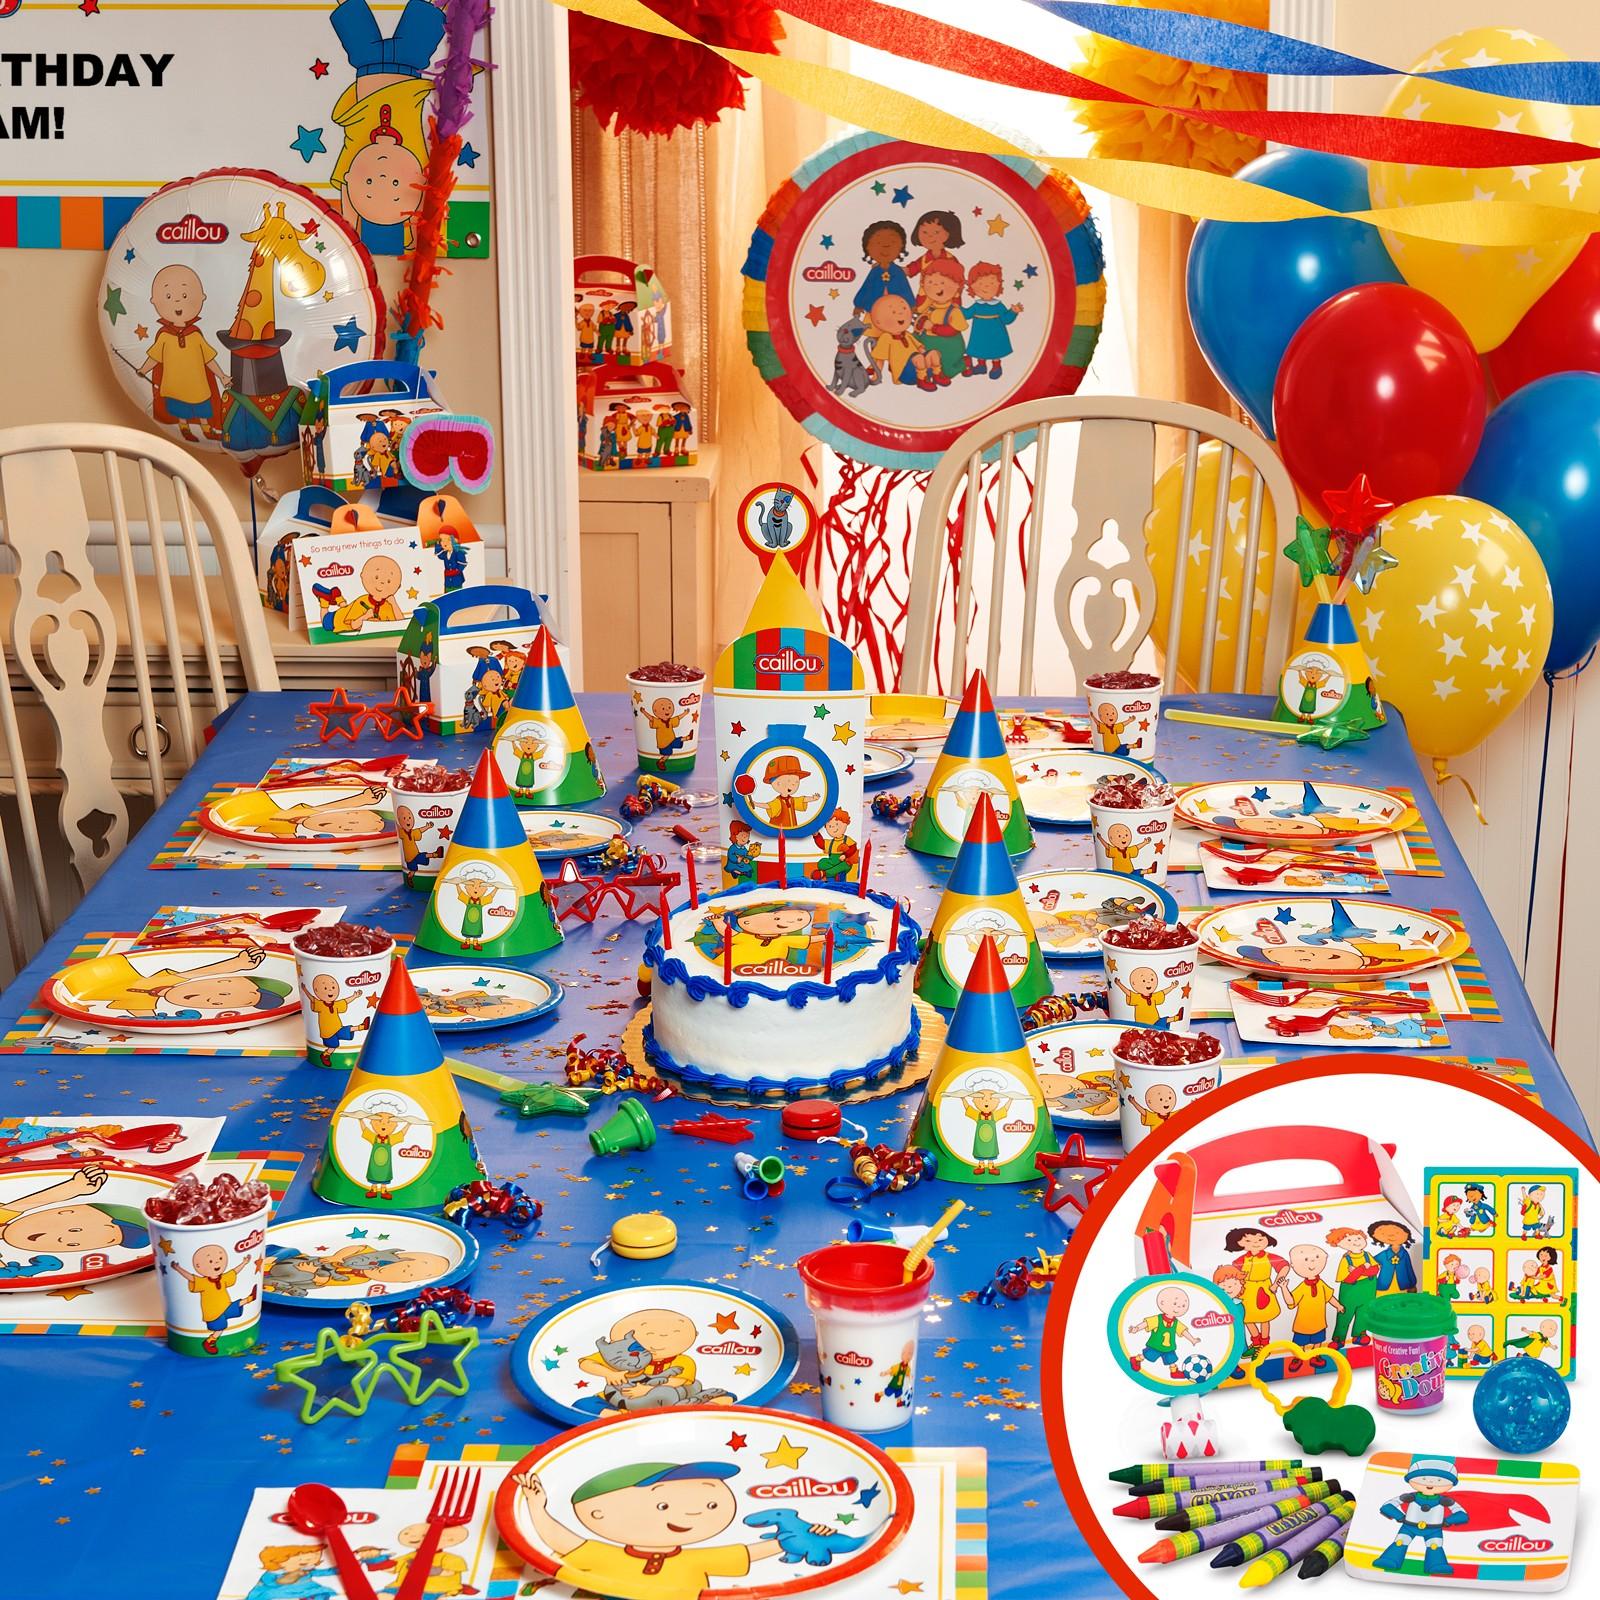 Decoraci n de fiestas infantiles de caillou fiestas y - Ideas decoracion fiesta ...